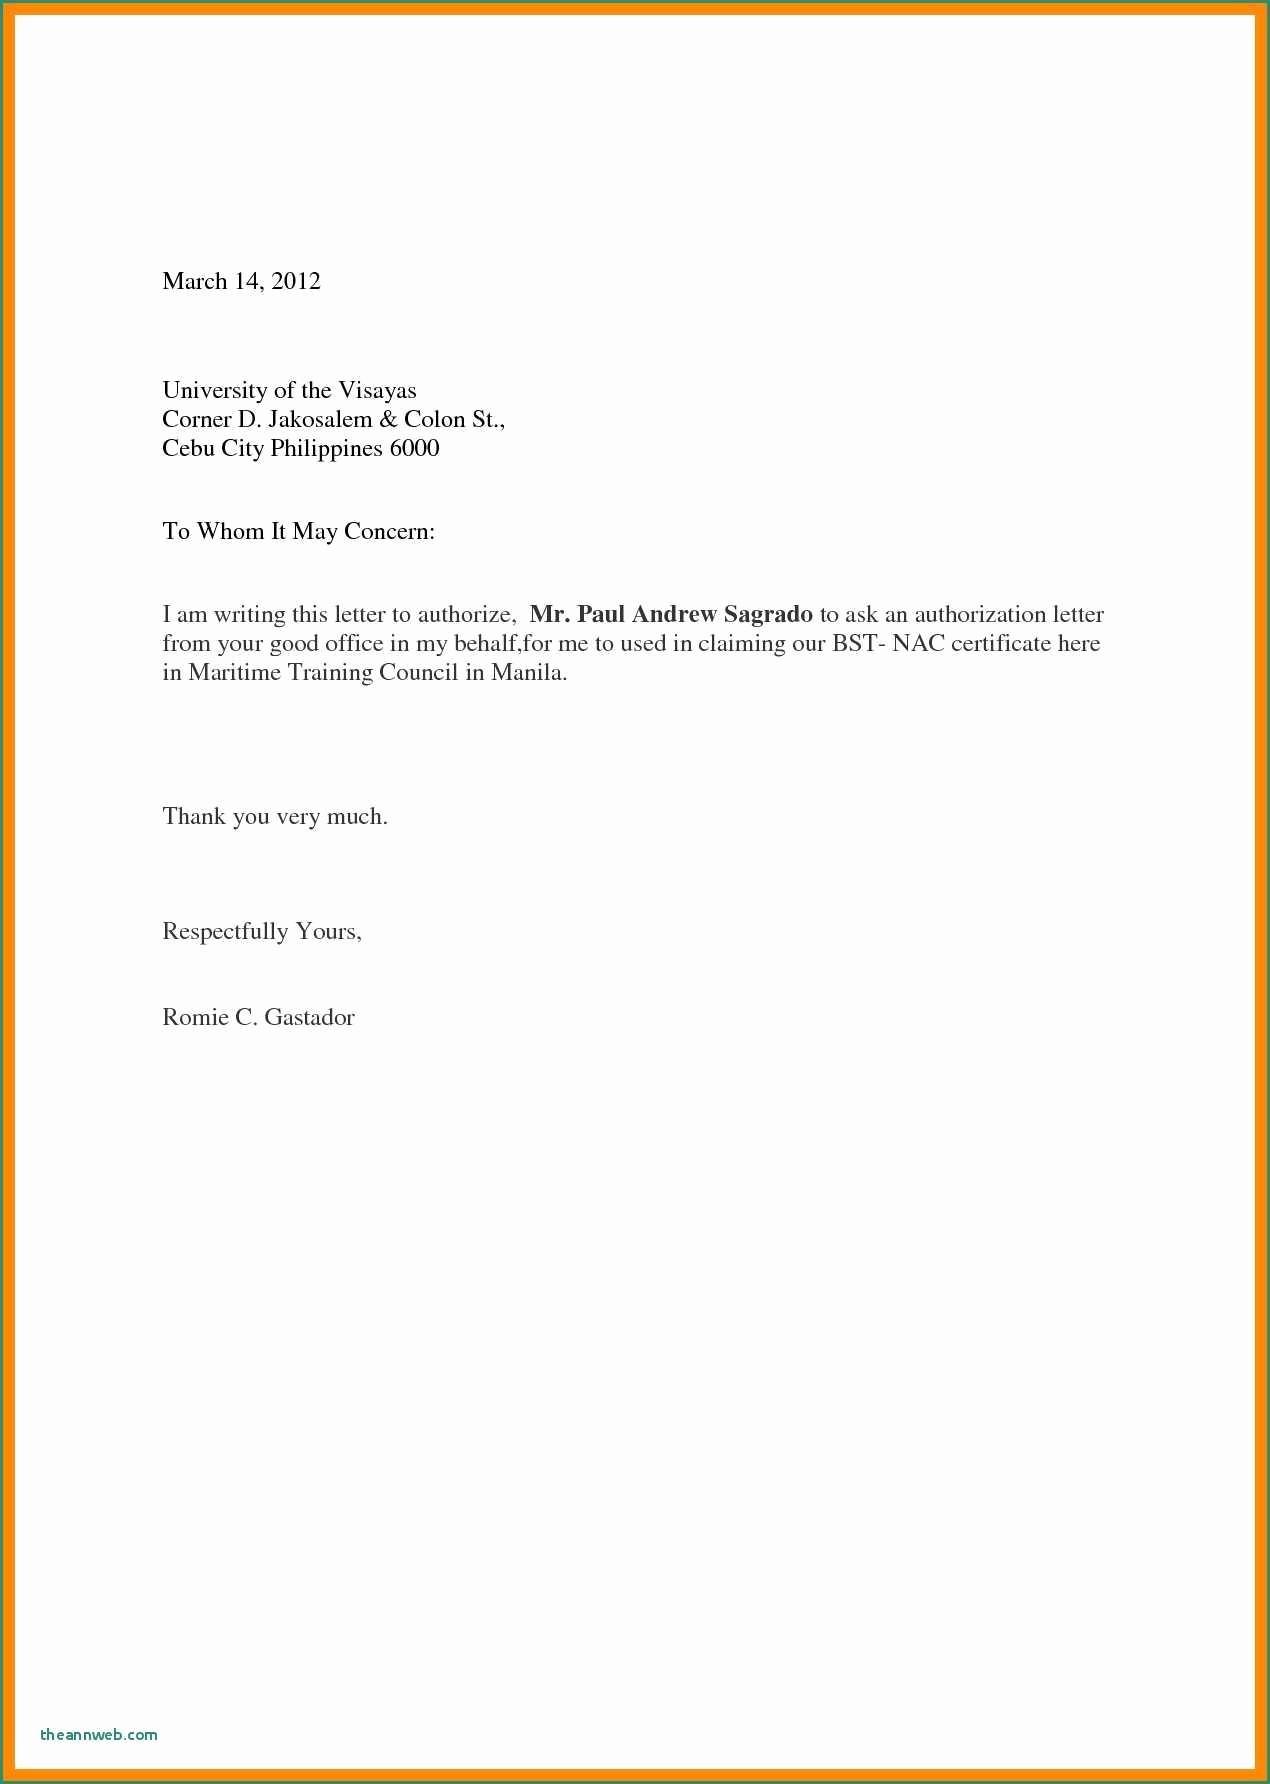 Sample Letter Of Reimbursement Money Inspirational Letter format for Refund Money Free Cover Letter